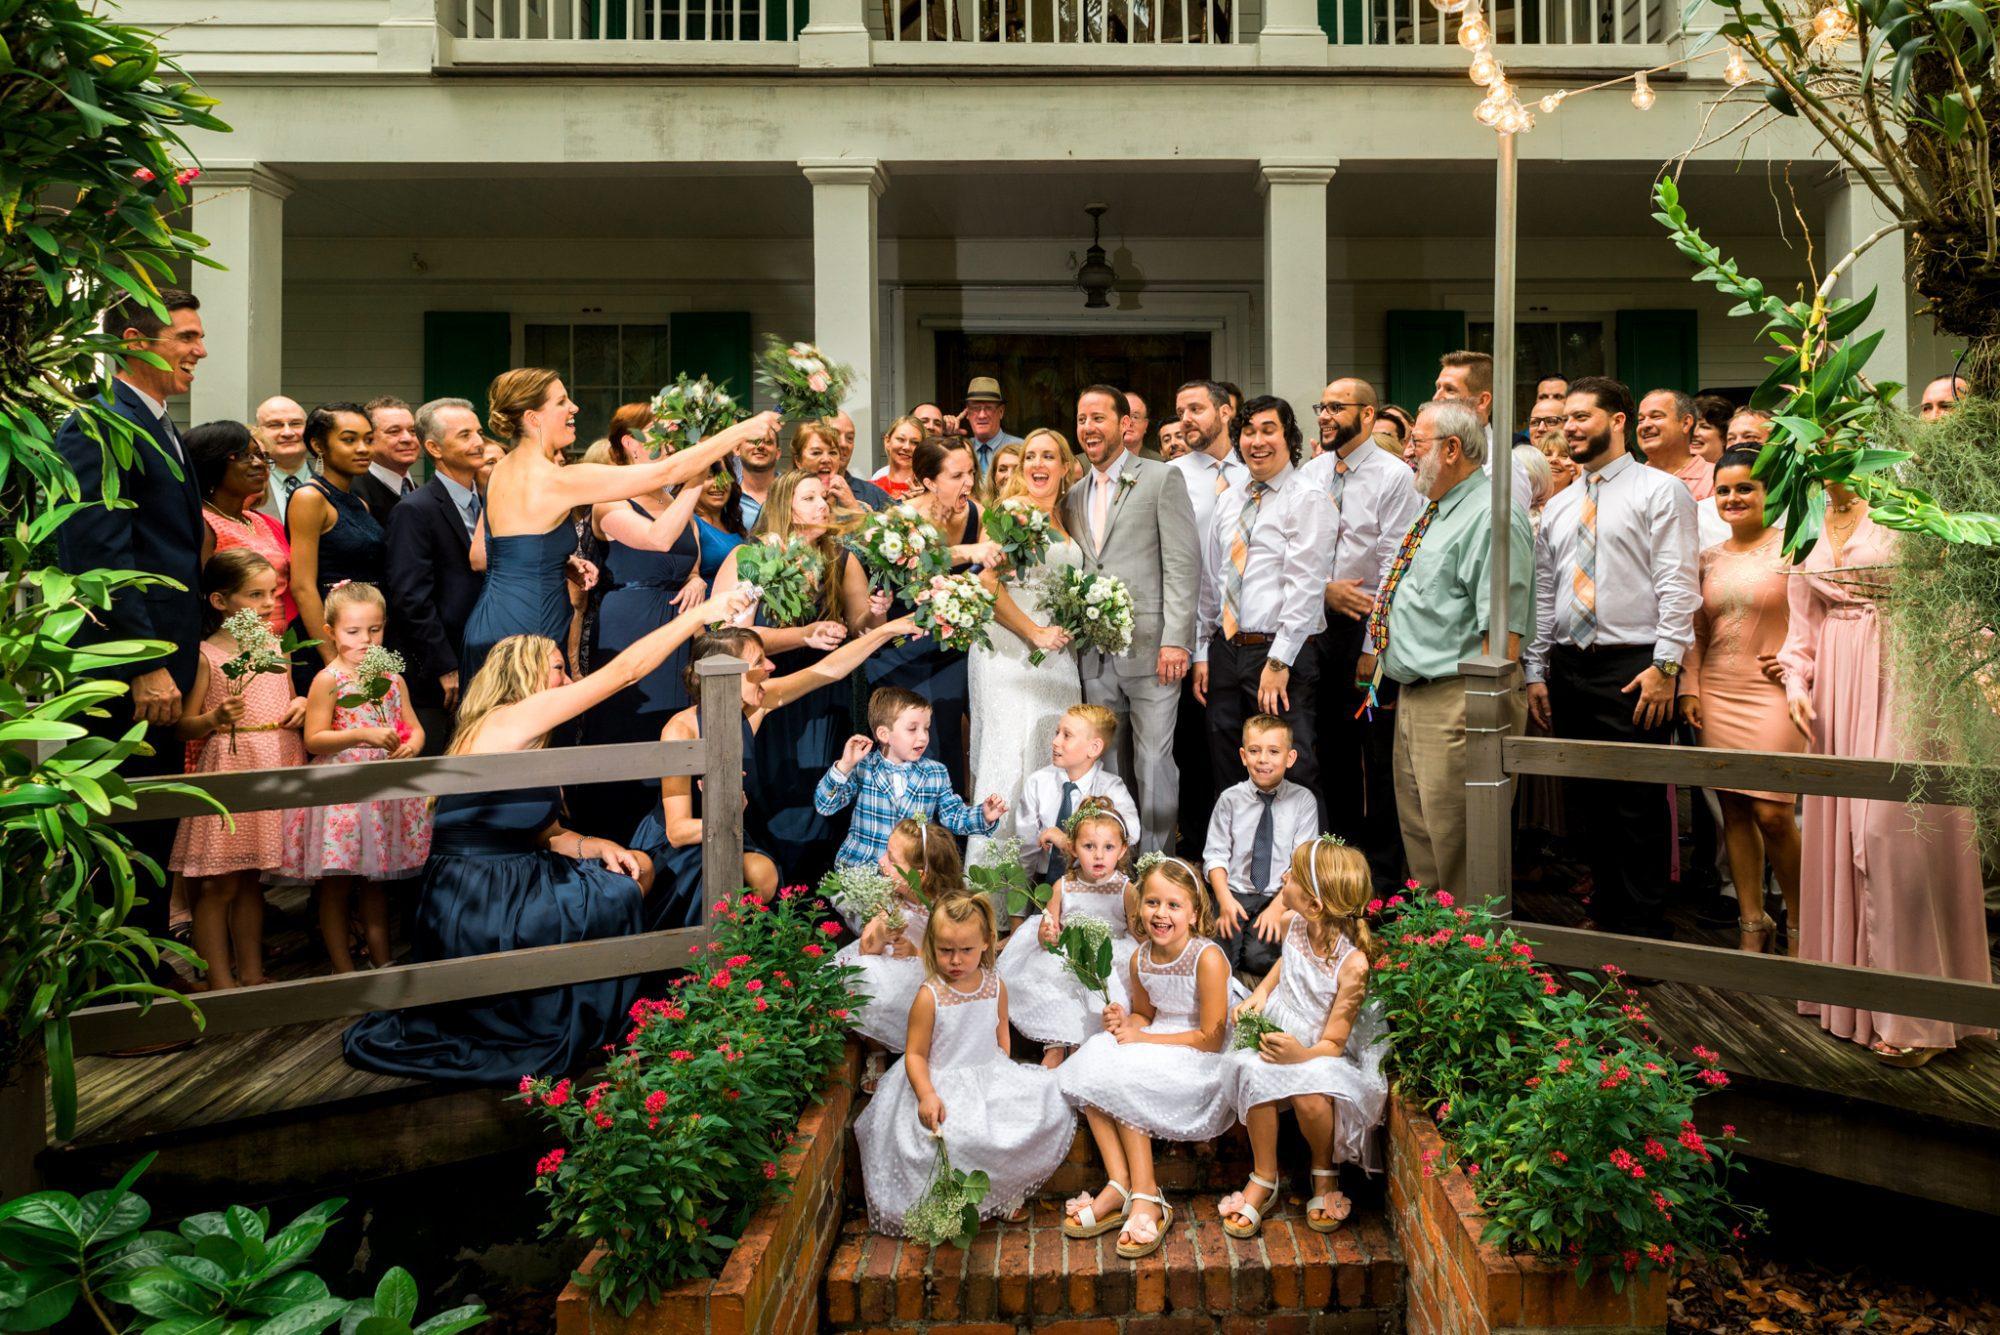 Colleen Jonathan Audubon House Wedding Key West 51 - Colleen & Jonathon | Audubon House and Gardens | Key West Wedding